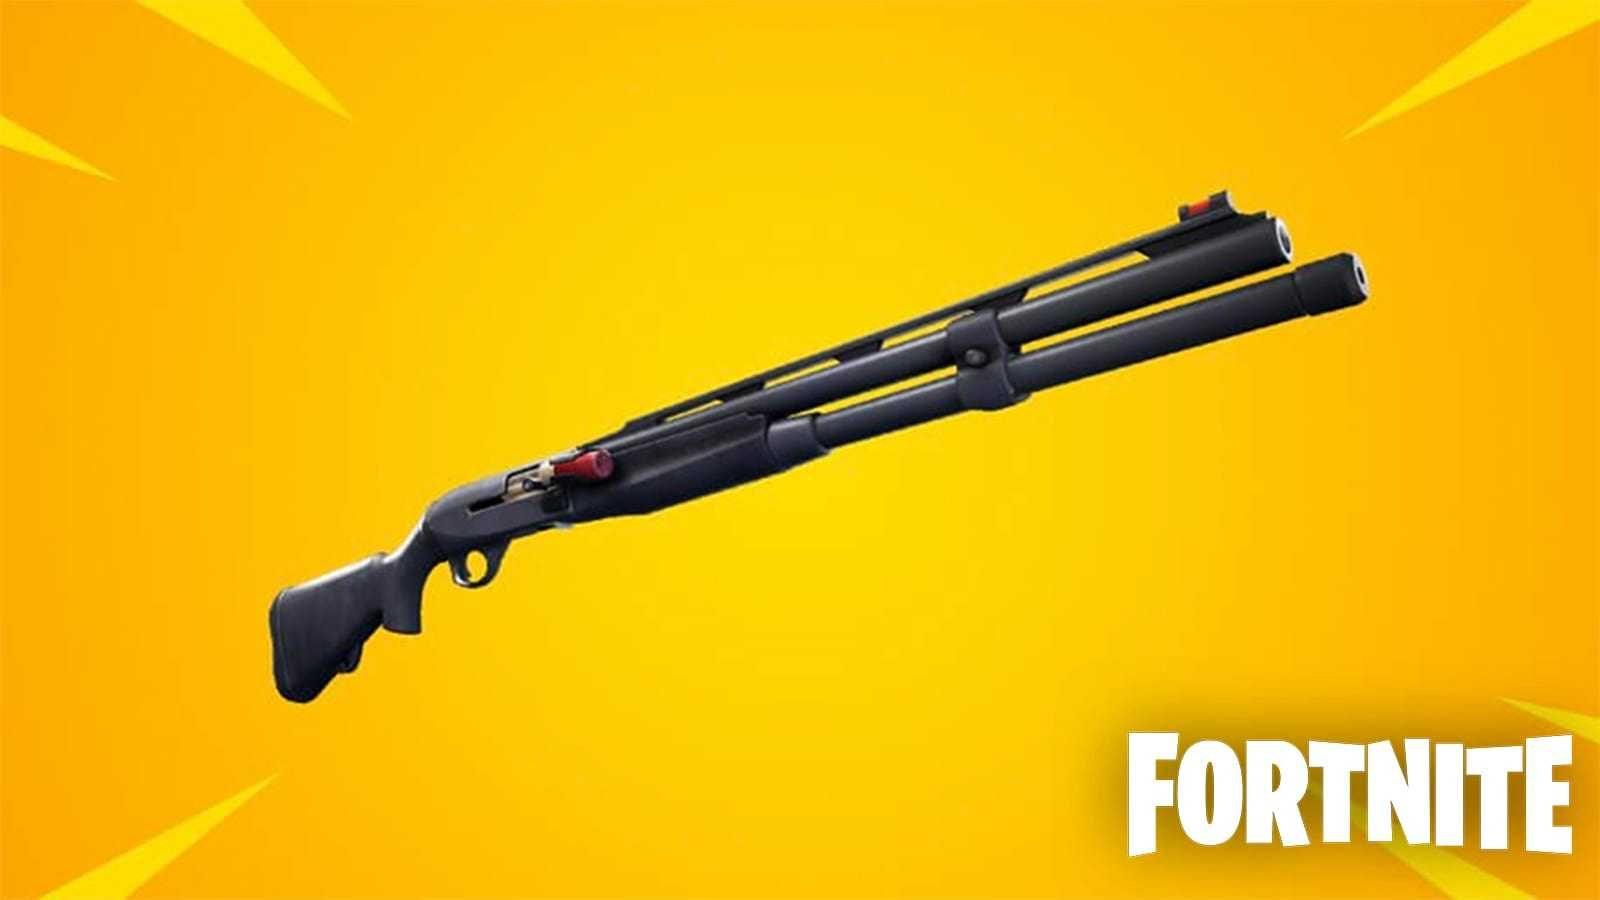 Fortnite V10.20.2 Hotfix